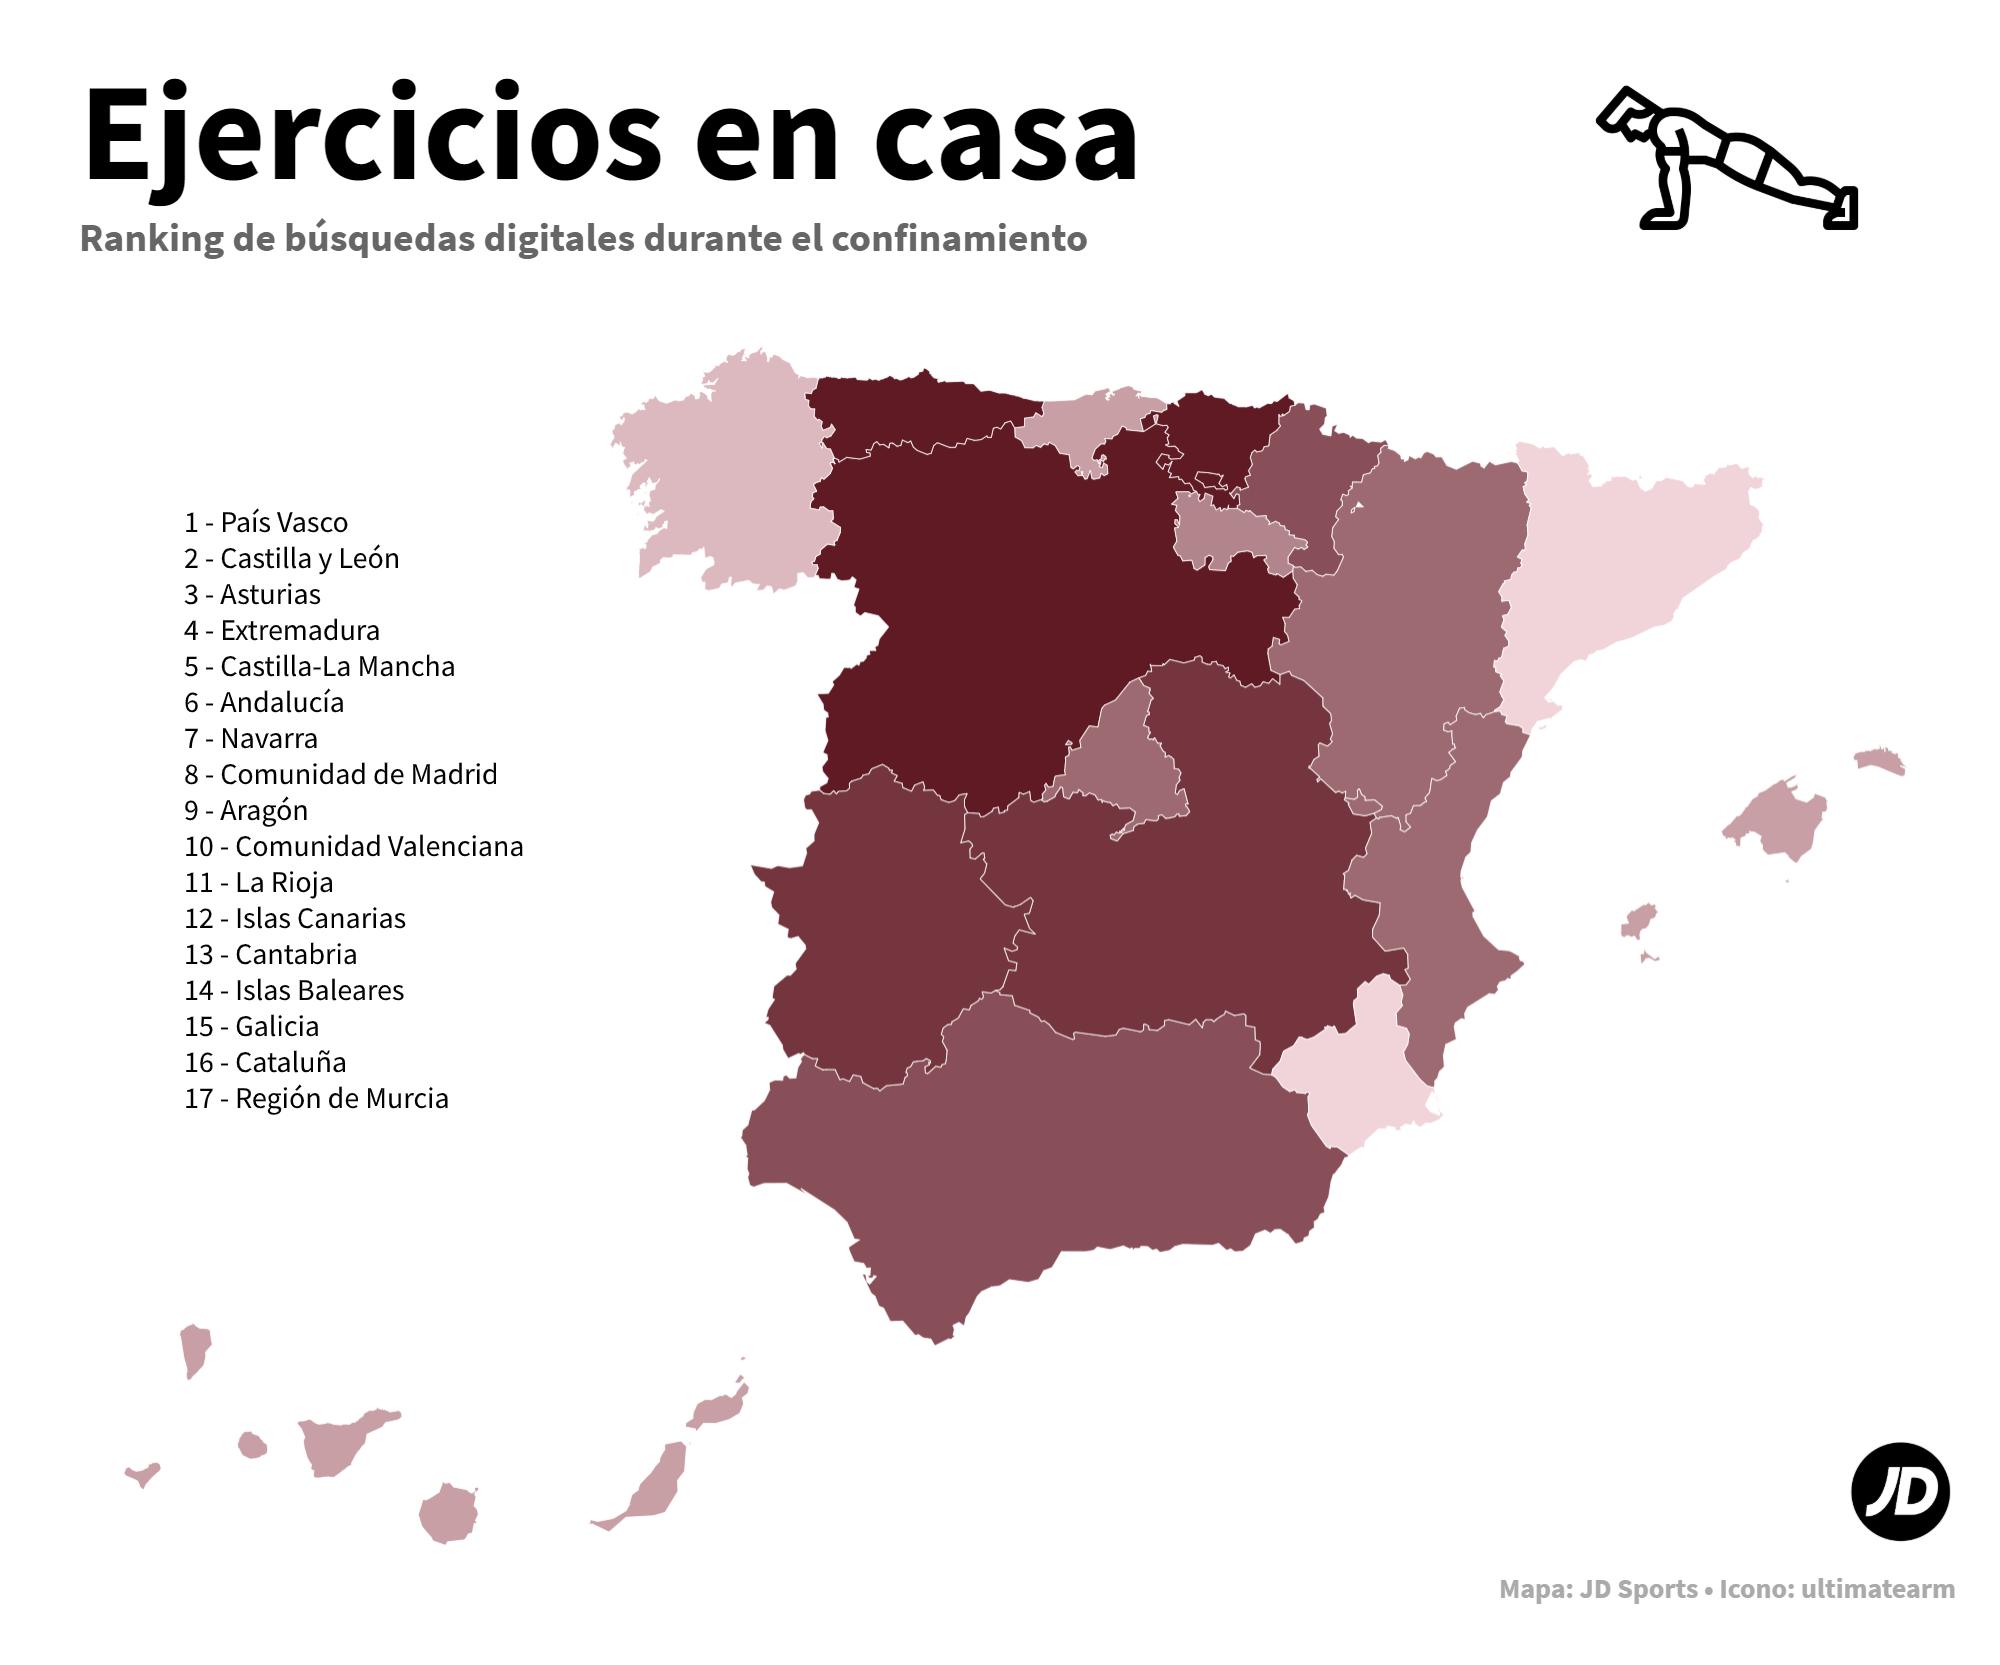 Mapa de España con las comunidades autónomas más interesadas en hacer ejercicio en casa durante el confinamiento